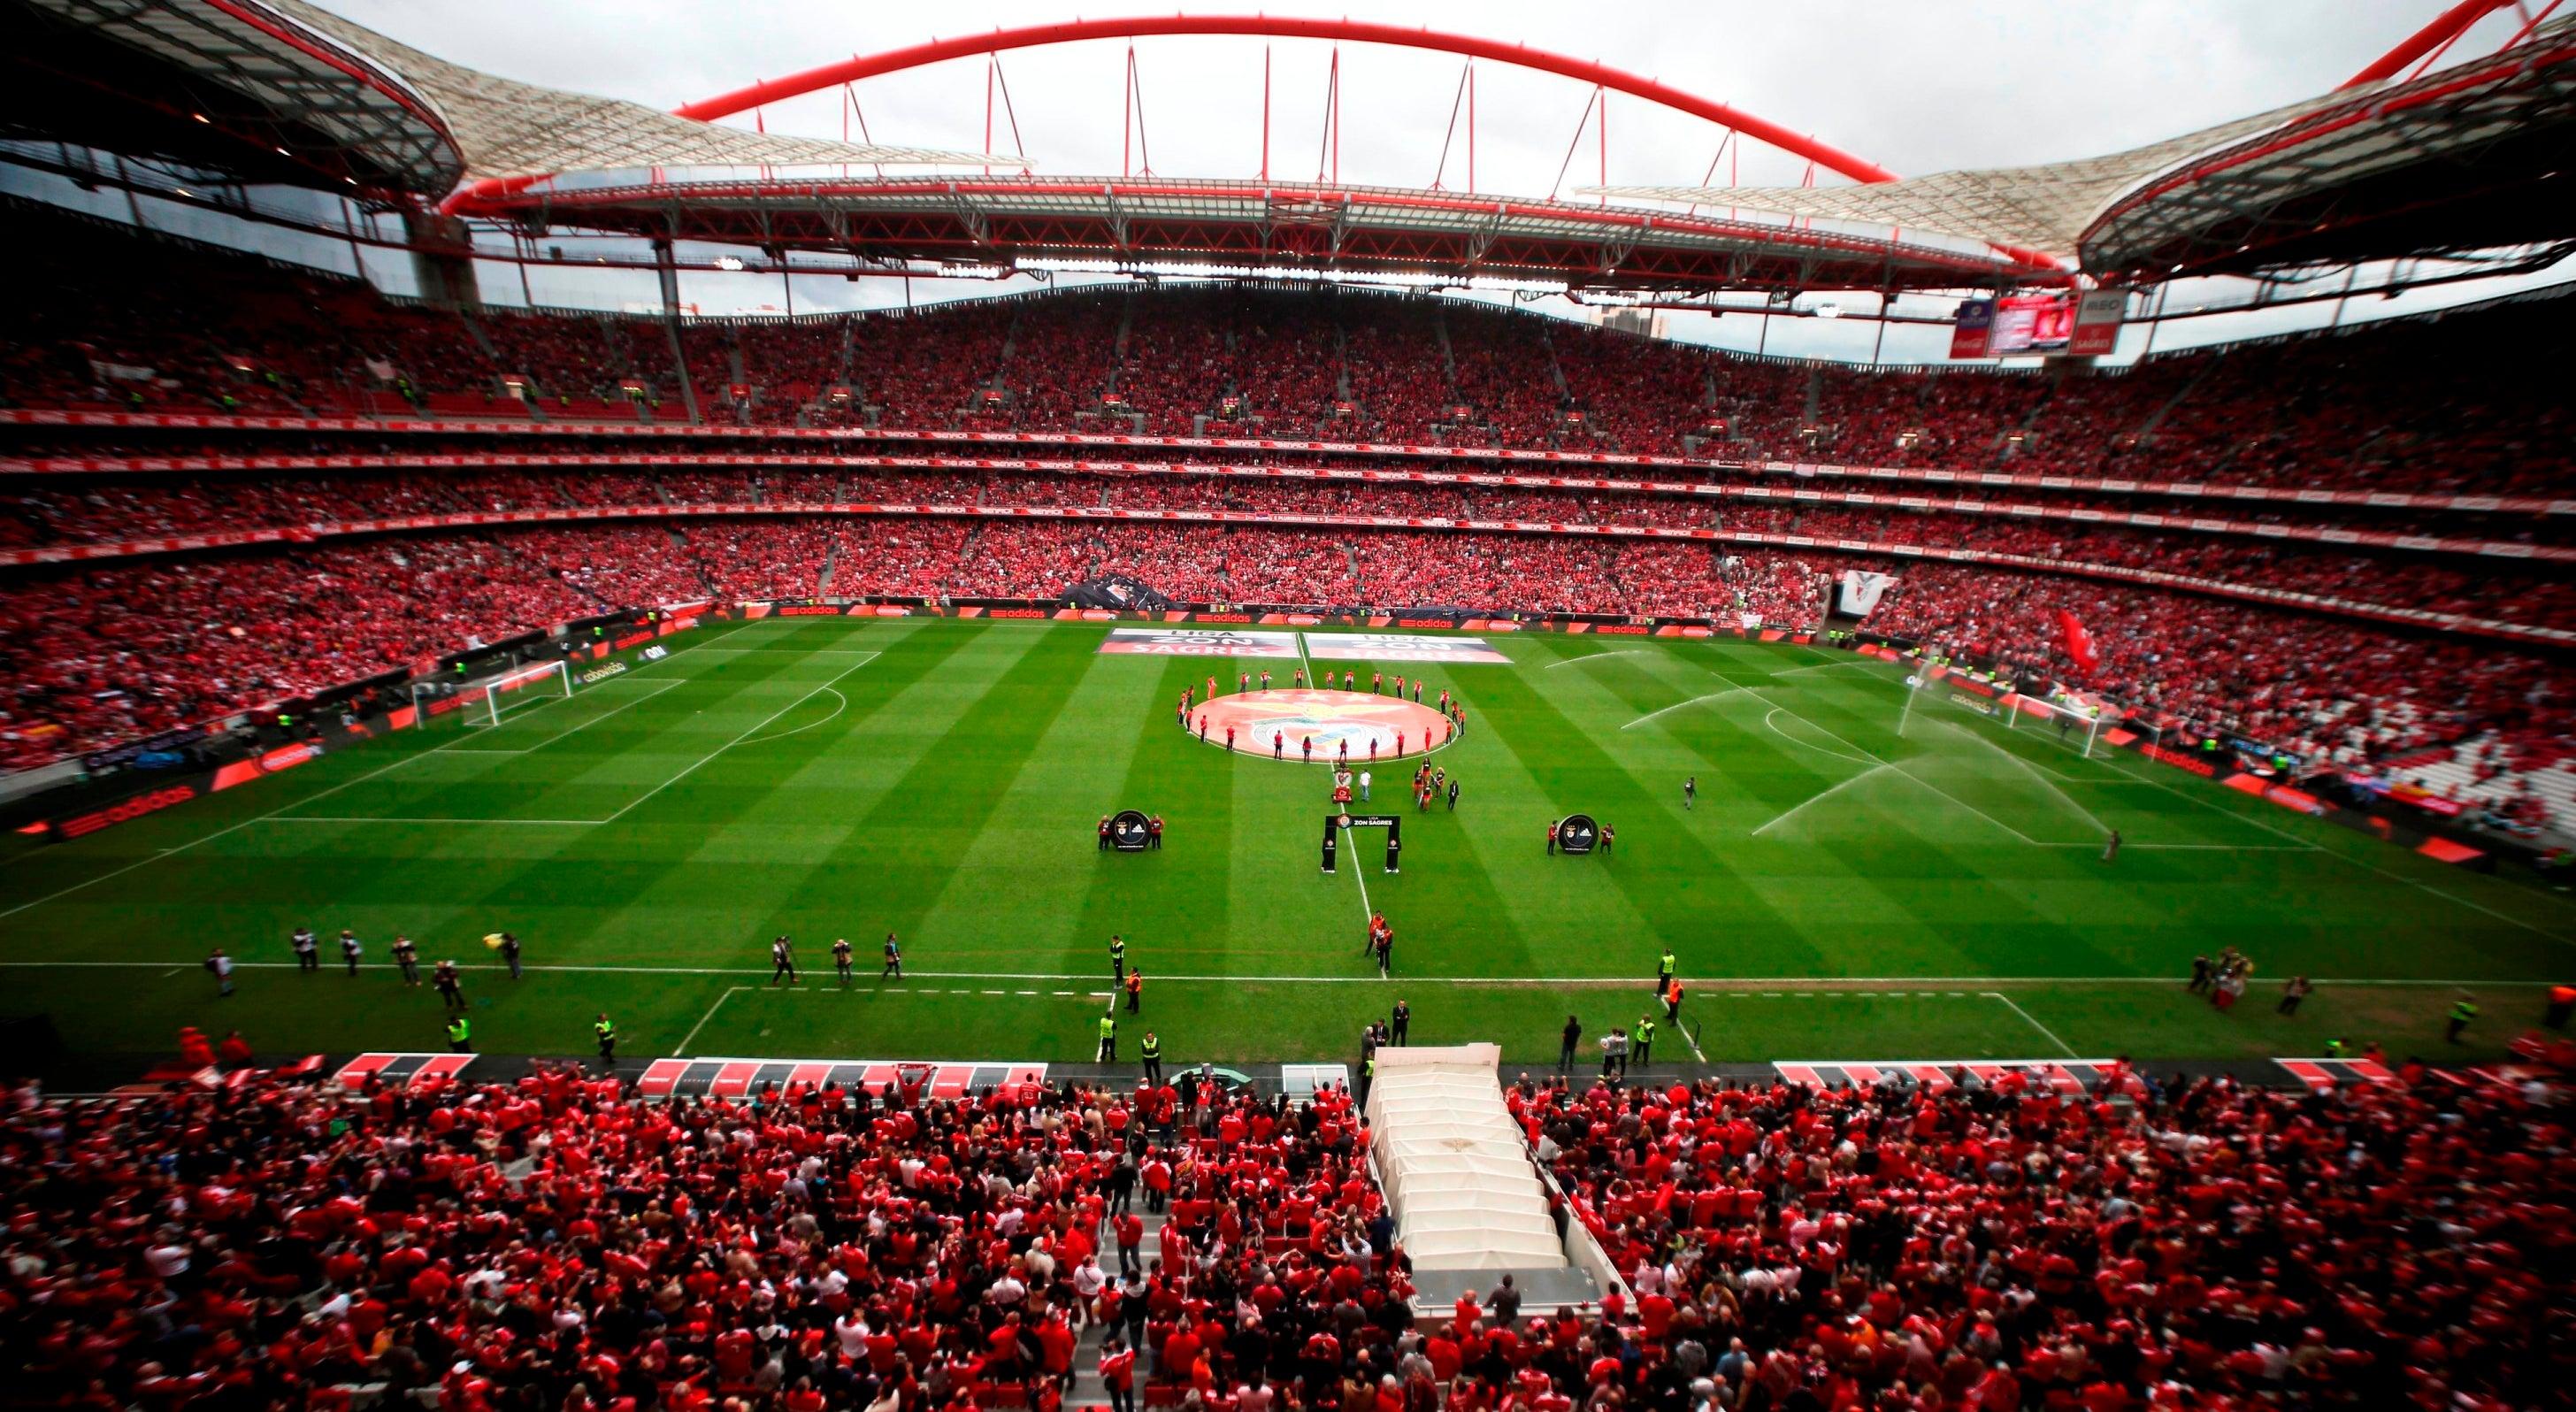 Benfica quer segurar lideran�a frente ao P. Ferreira